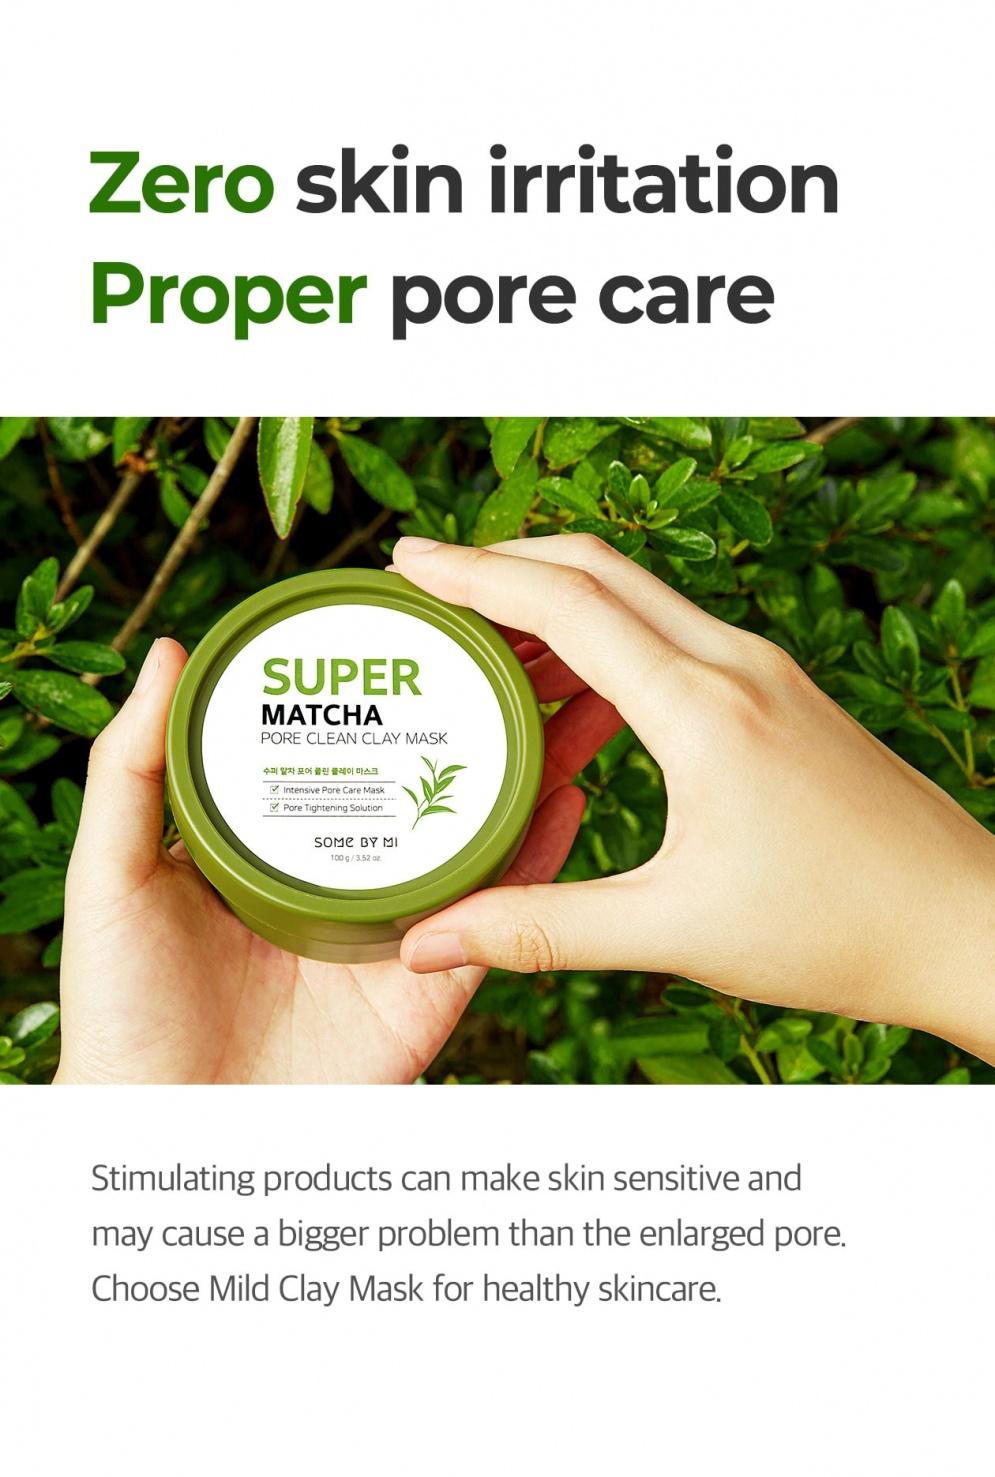 Super Match Pore Clean Clay Mask-7